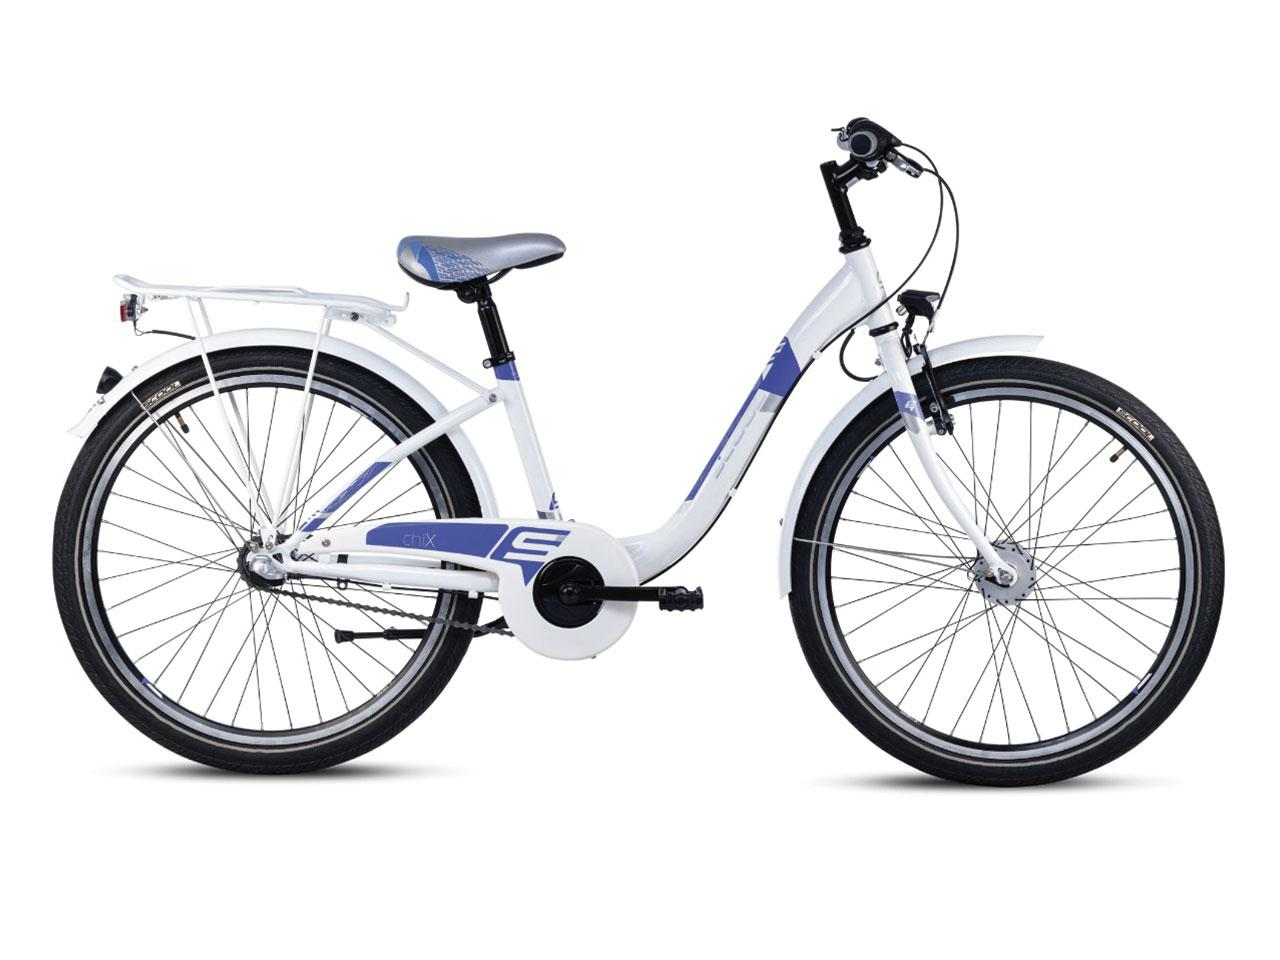 Dětské kolo S´COOL chiX 24 steel 3-rychlosti, bílá/fialová